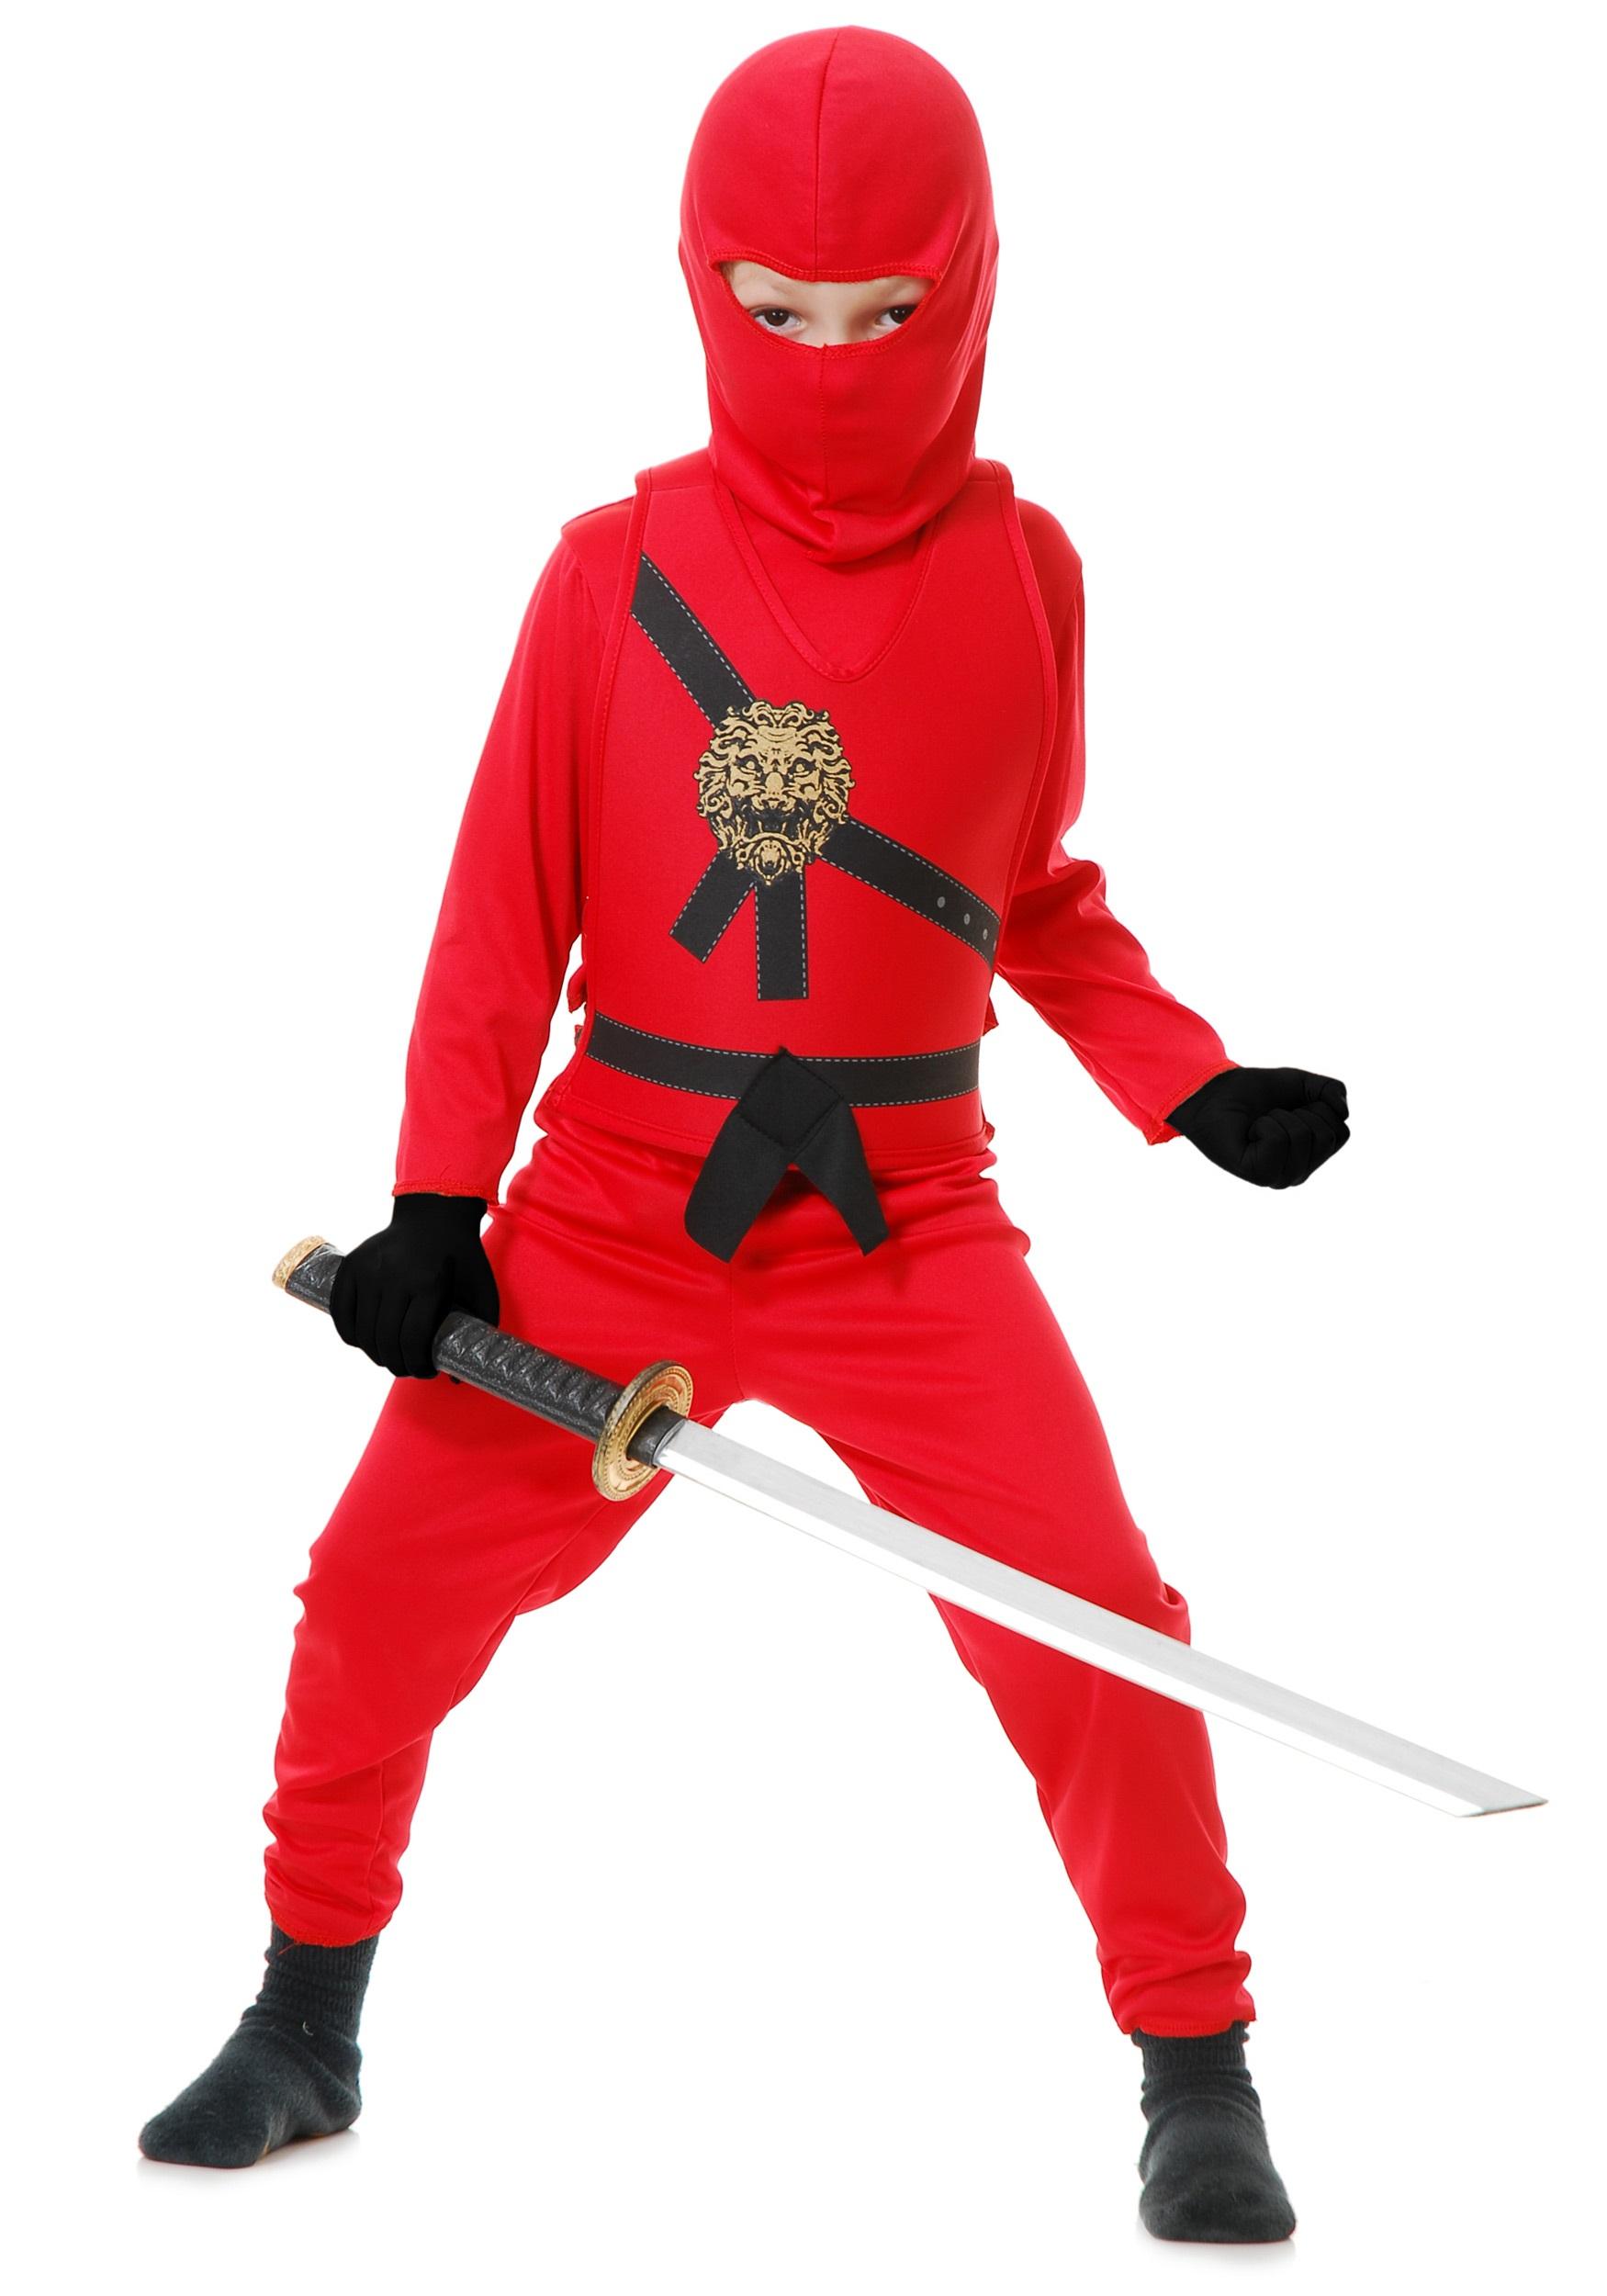 sc 1 st  Halloween Costumes UK & Child Red Ninja Master Costume